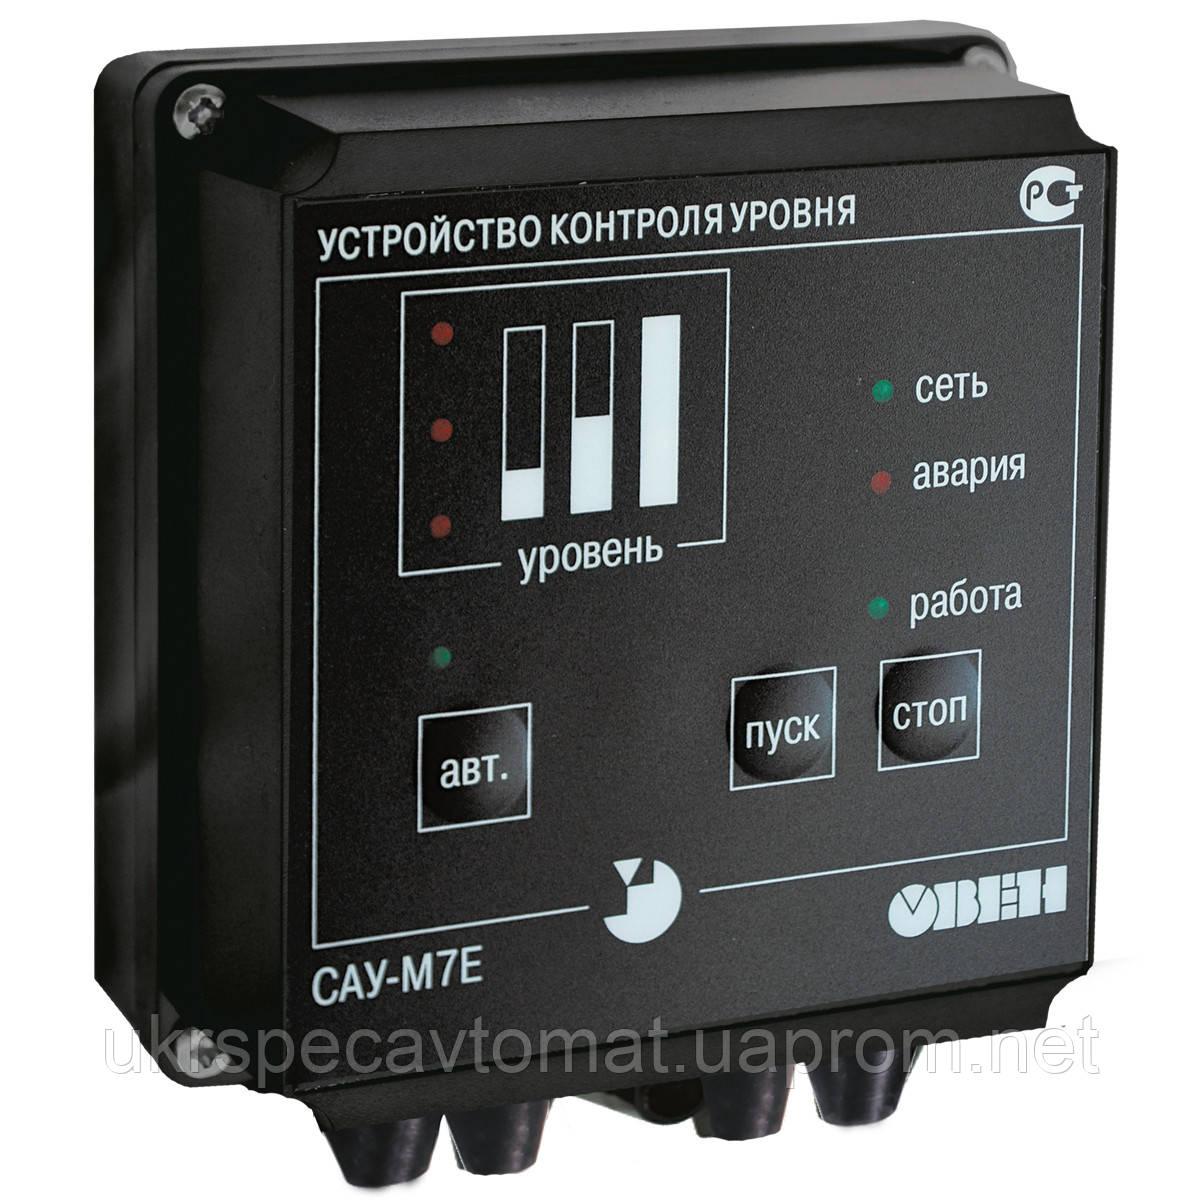 Сигнализатор уровня жидких и сыпучих сред САУ-М7Е